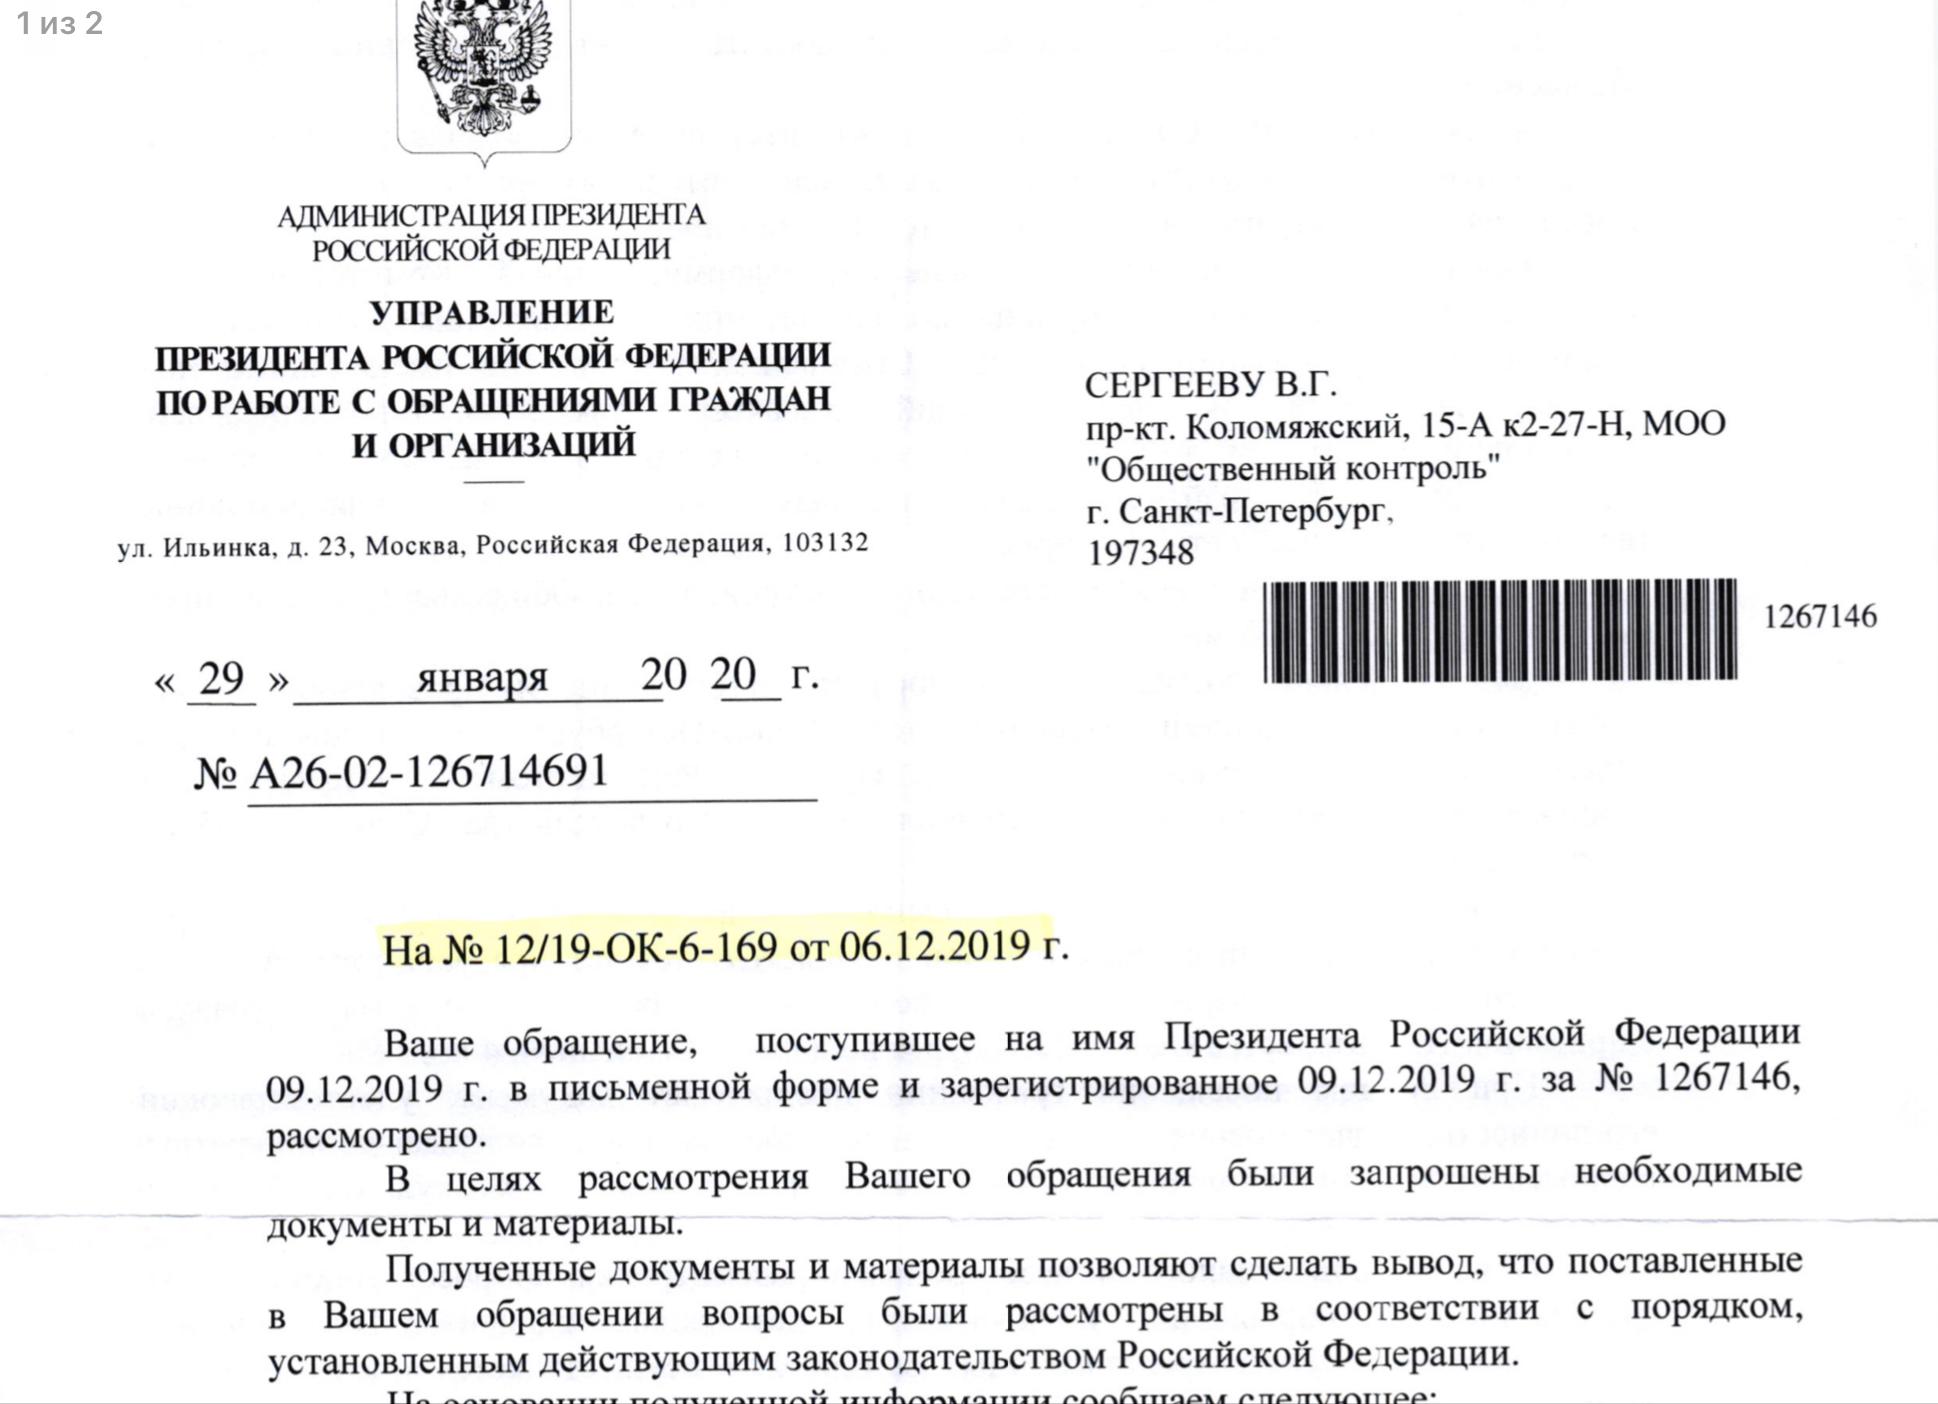 Ответ консультанта департамента по обеспечению деятельности Приемной Президента Российской Федерации по приему граждан Матюшенко С. На обращение поступившее на имя Президента Российской Федерации